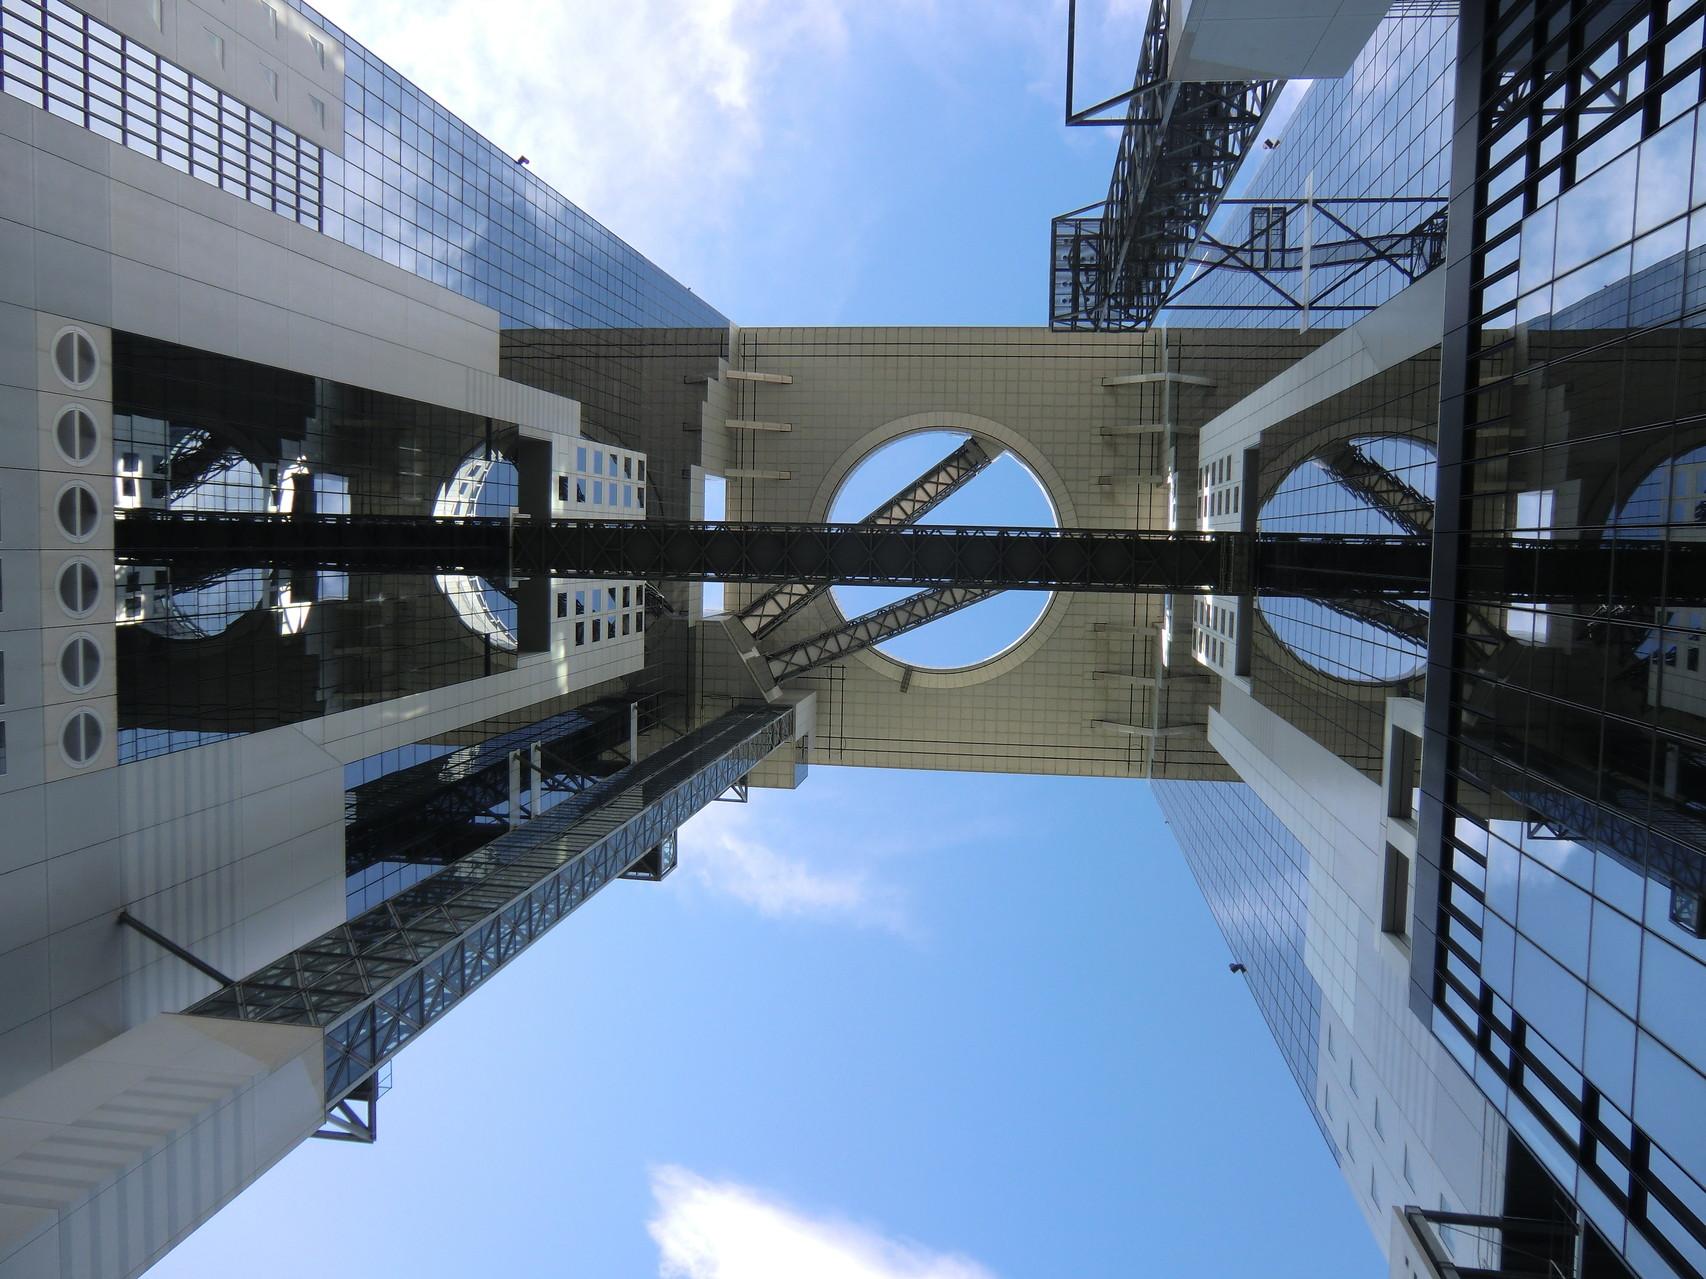 世界の建物top20に選ばれた大阪スカイビルで開催される進学相談会。建物を見るだけでも一見の価値があります!